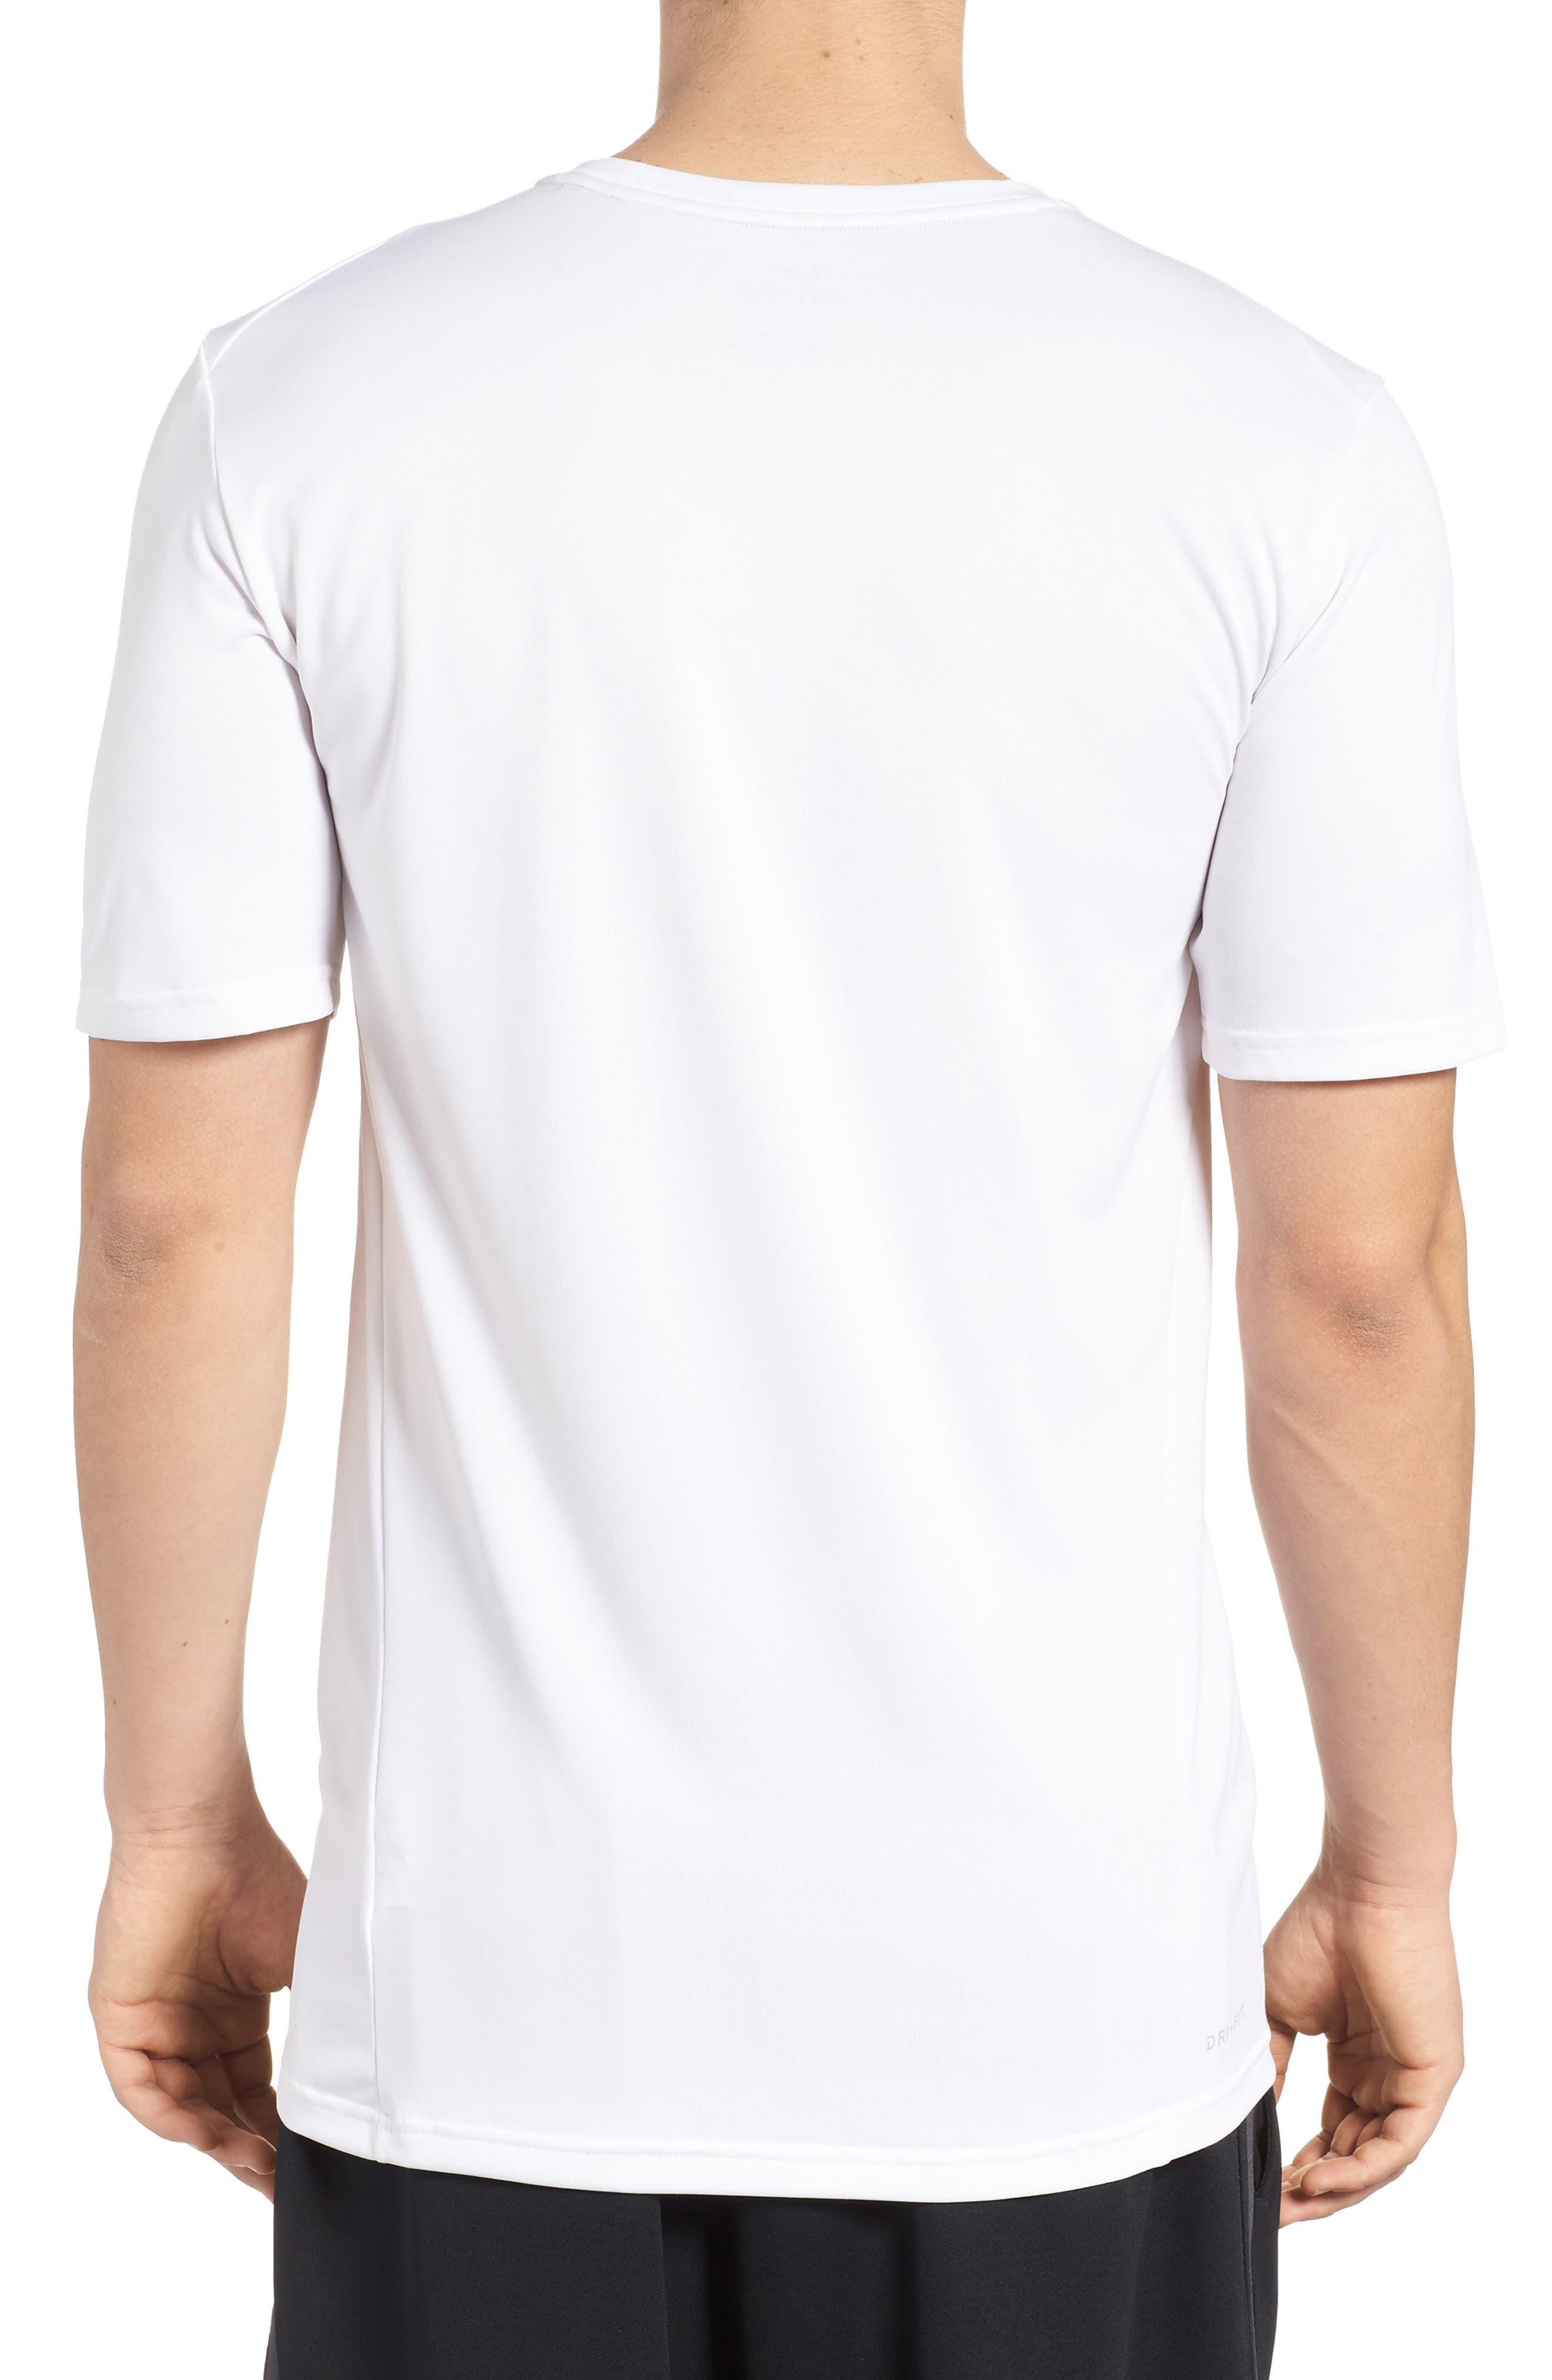 Hyper Dry Training T-Shirt,                             Alternate thumbnail 2, color,                             White/ White/ Black